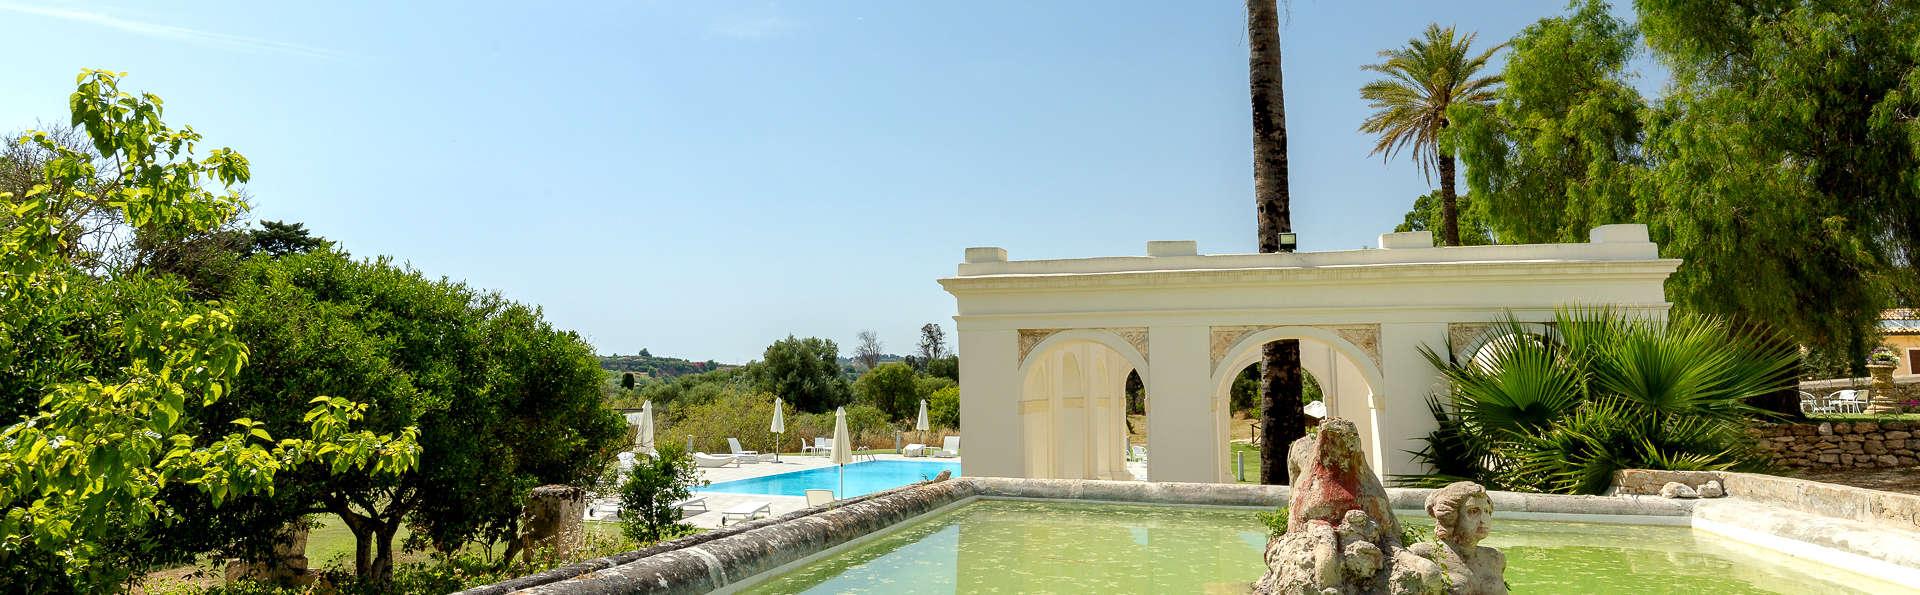 Hotel Villa Calandrino - Edit_Garden.jpg